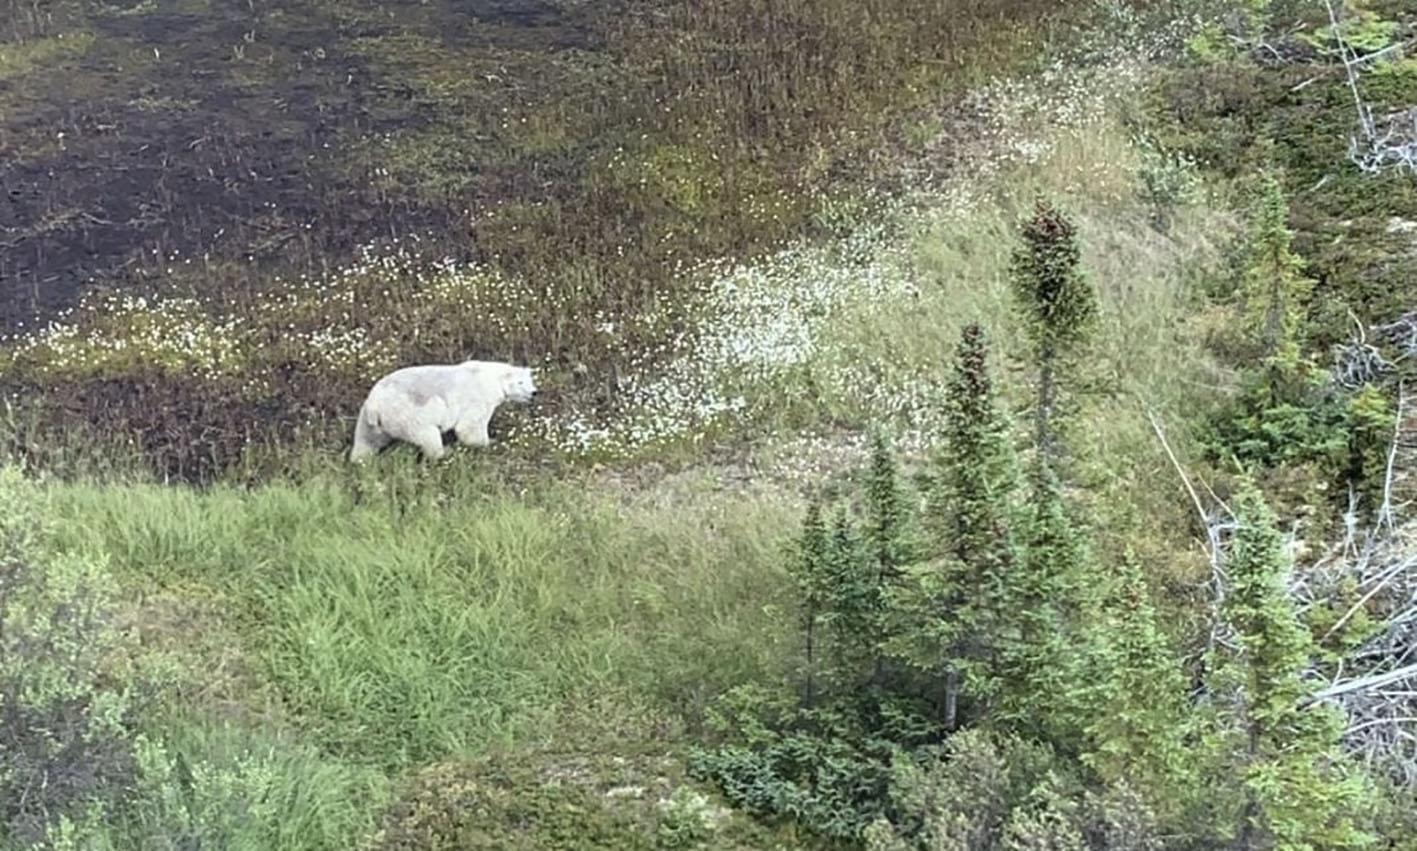 La région de Gillam est très inhospitalière, avec des zones marécageuses infestées de moustiques et peuplée par des animaux sauvages. La GRC du Manitoba a ainsi publié sur son compte Twitter une photo d'un ours blanc repéré samedi pendant les recherches à environ 200 km au nord de Gillam.